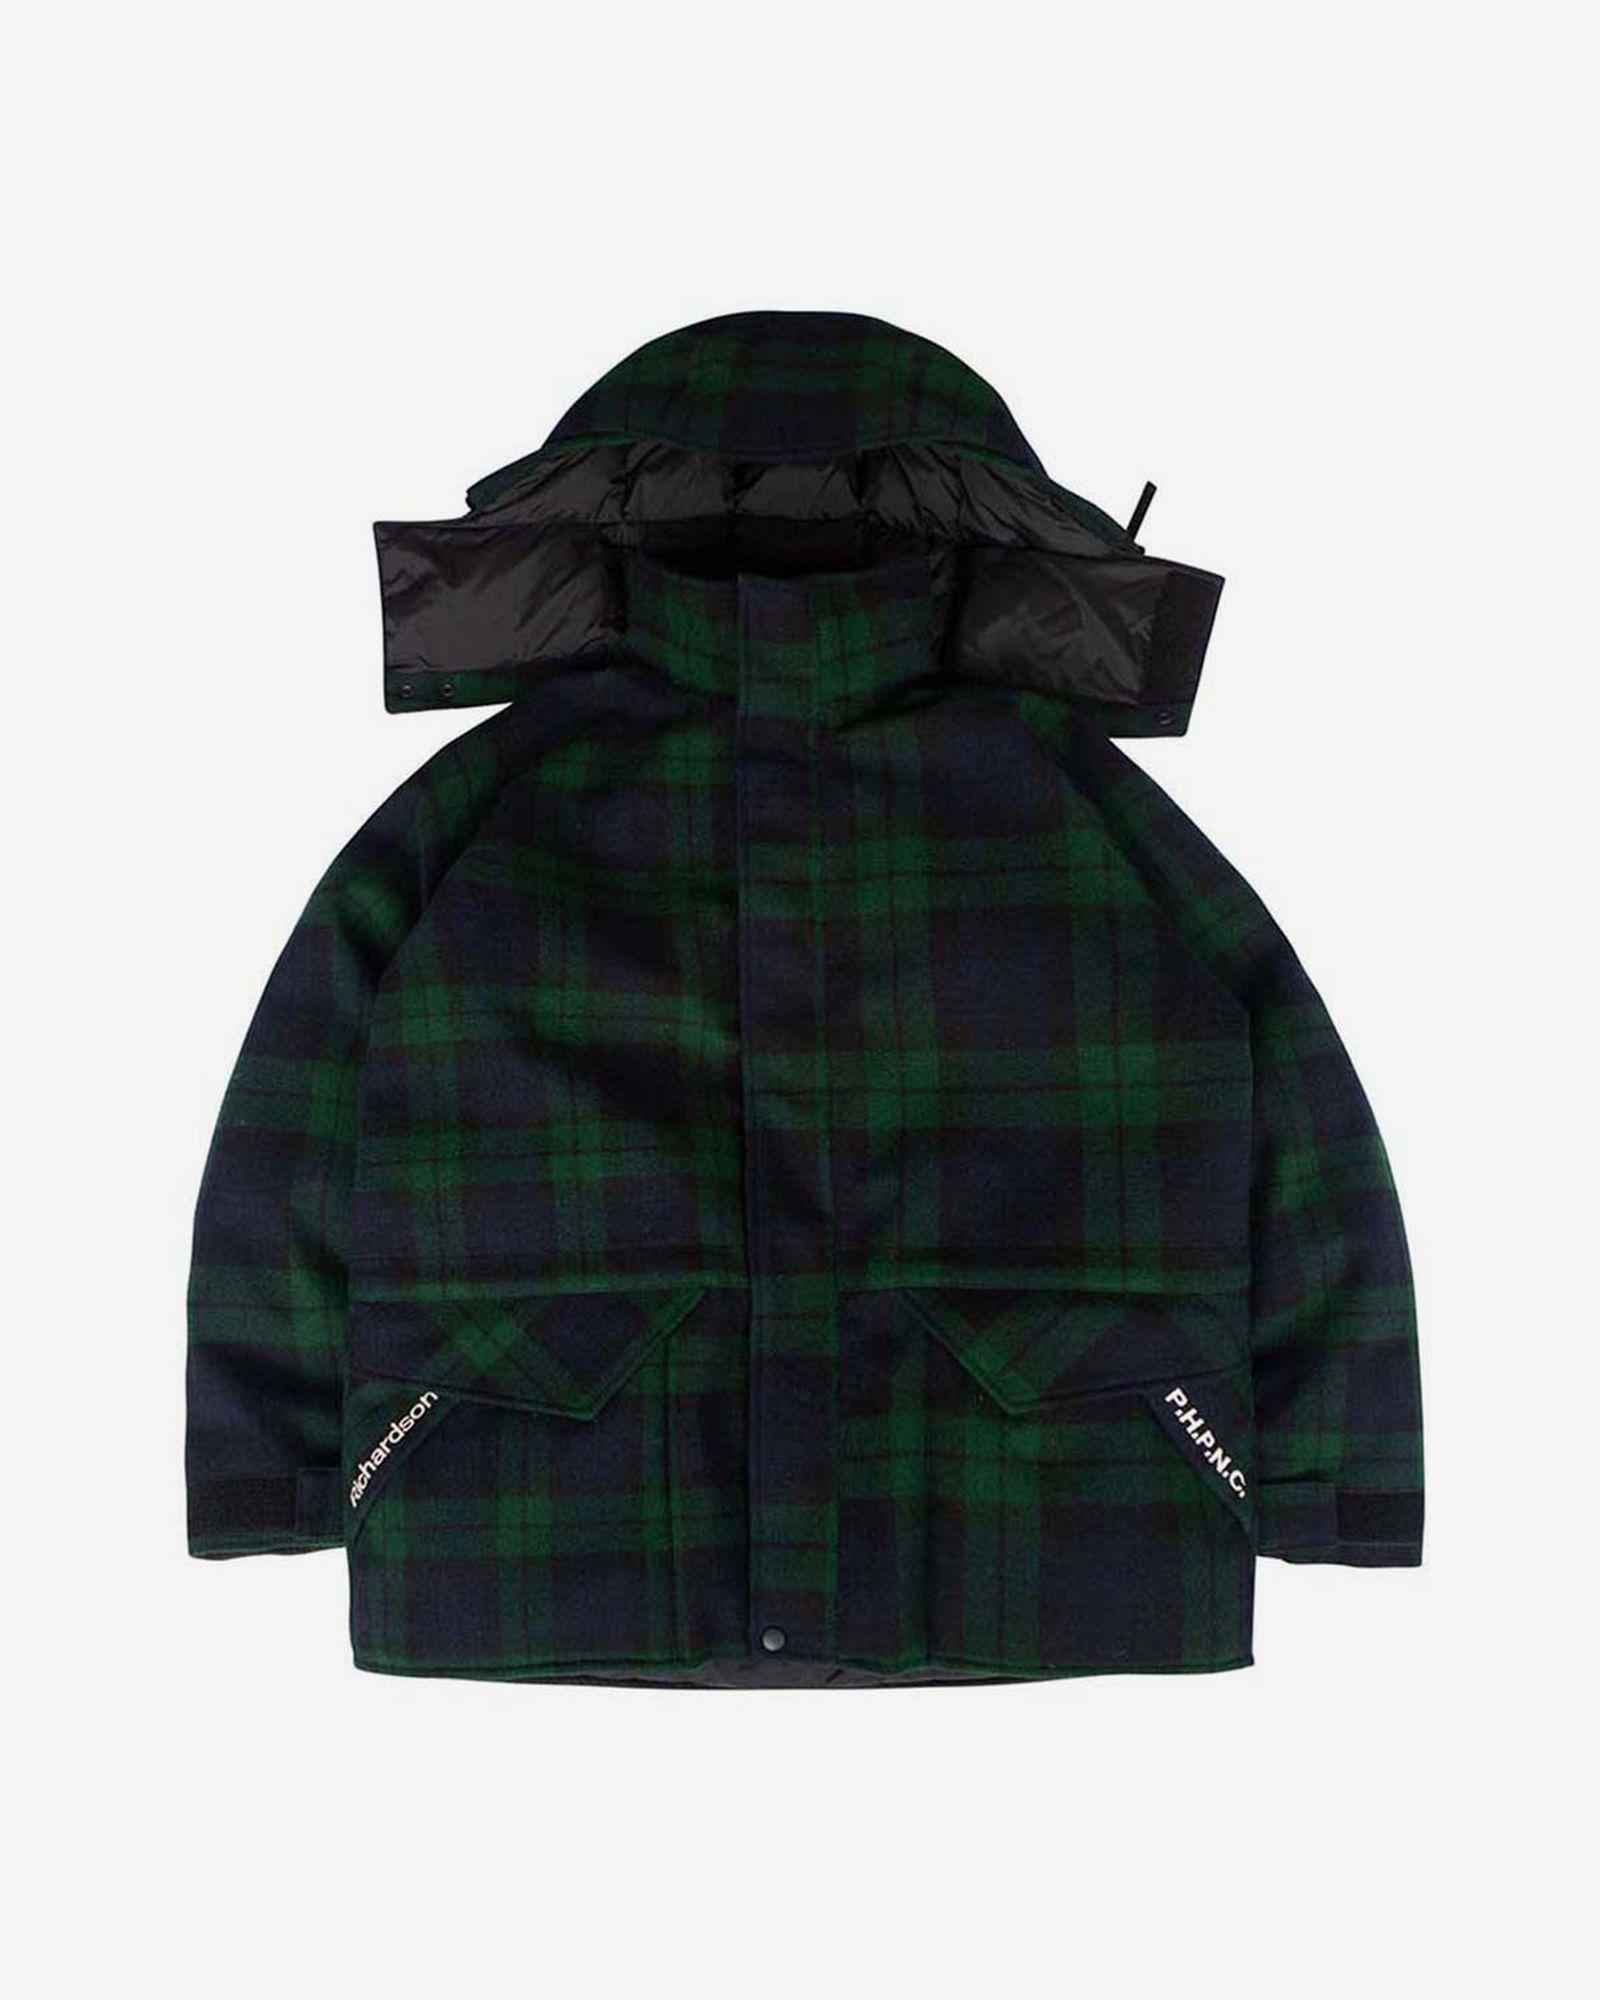 richardson-fw21-jacket-02